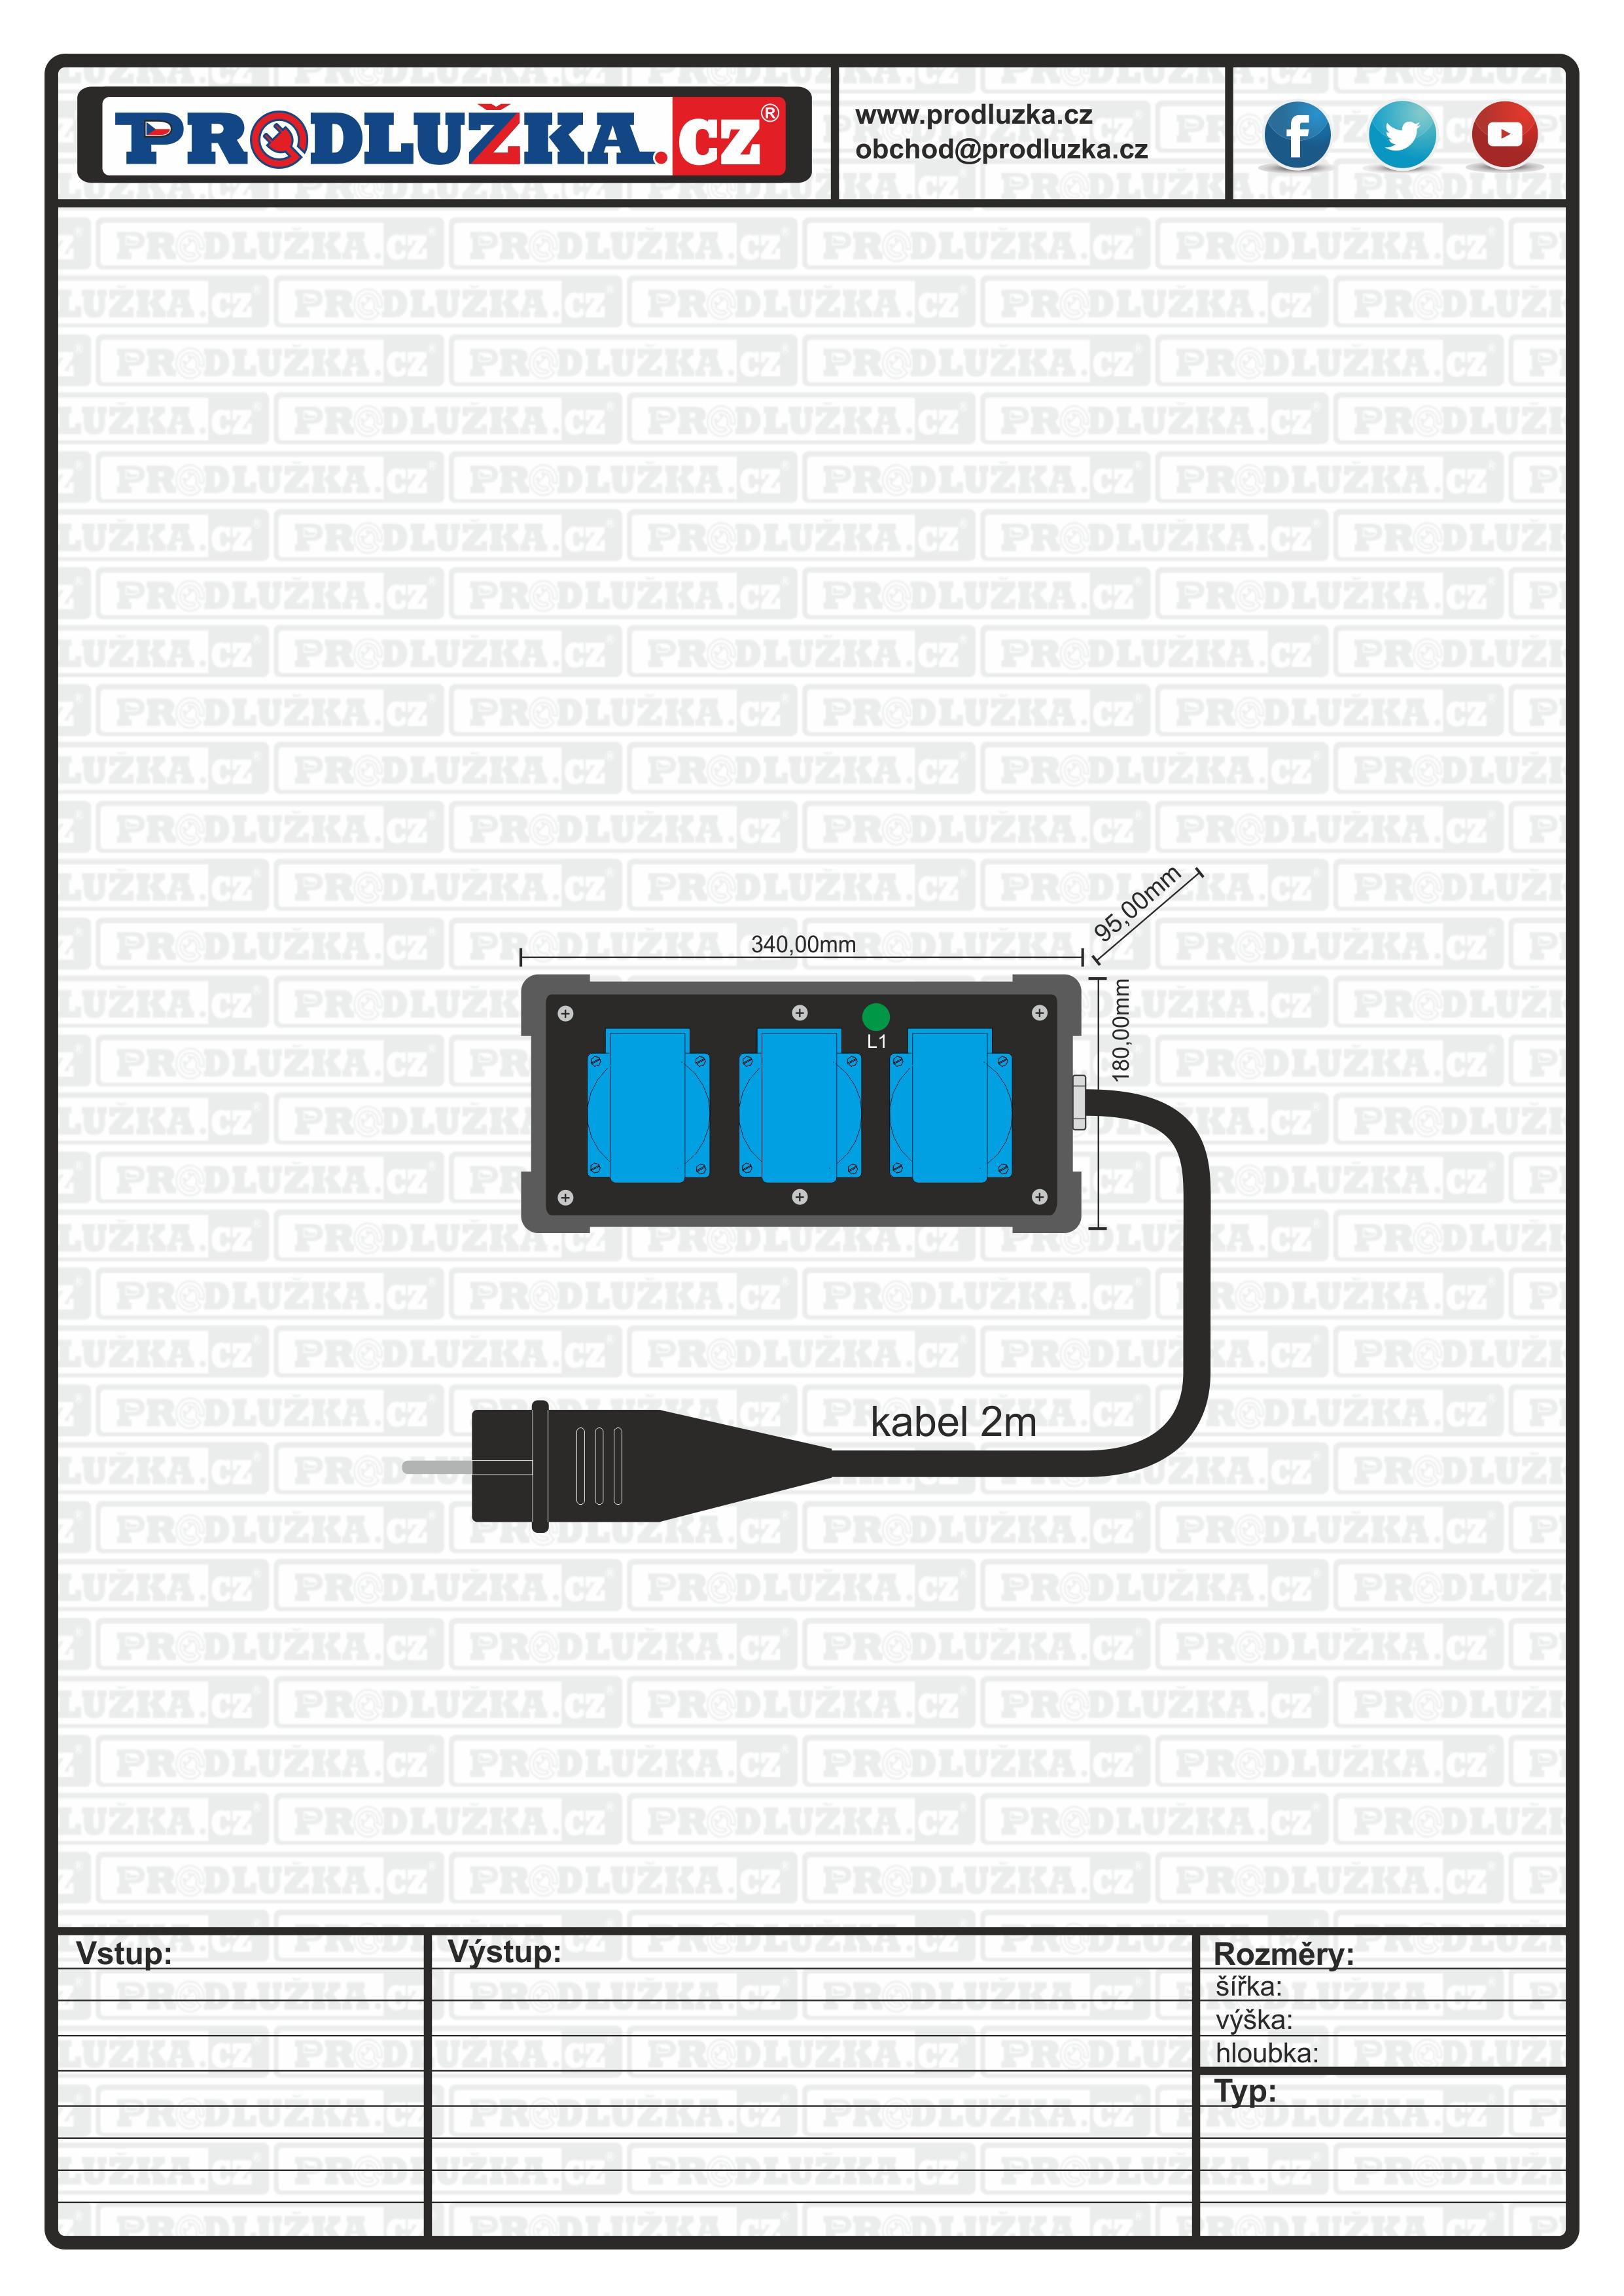 POBL-571-16VG